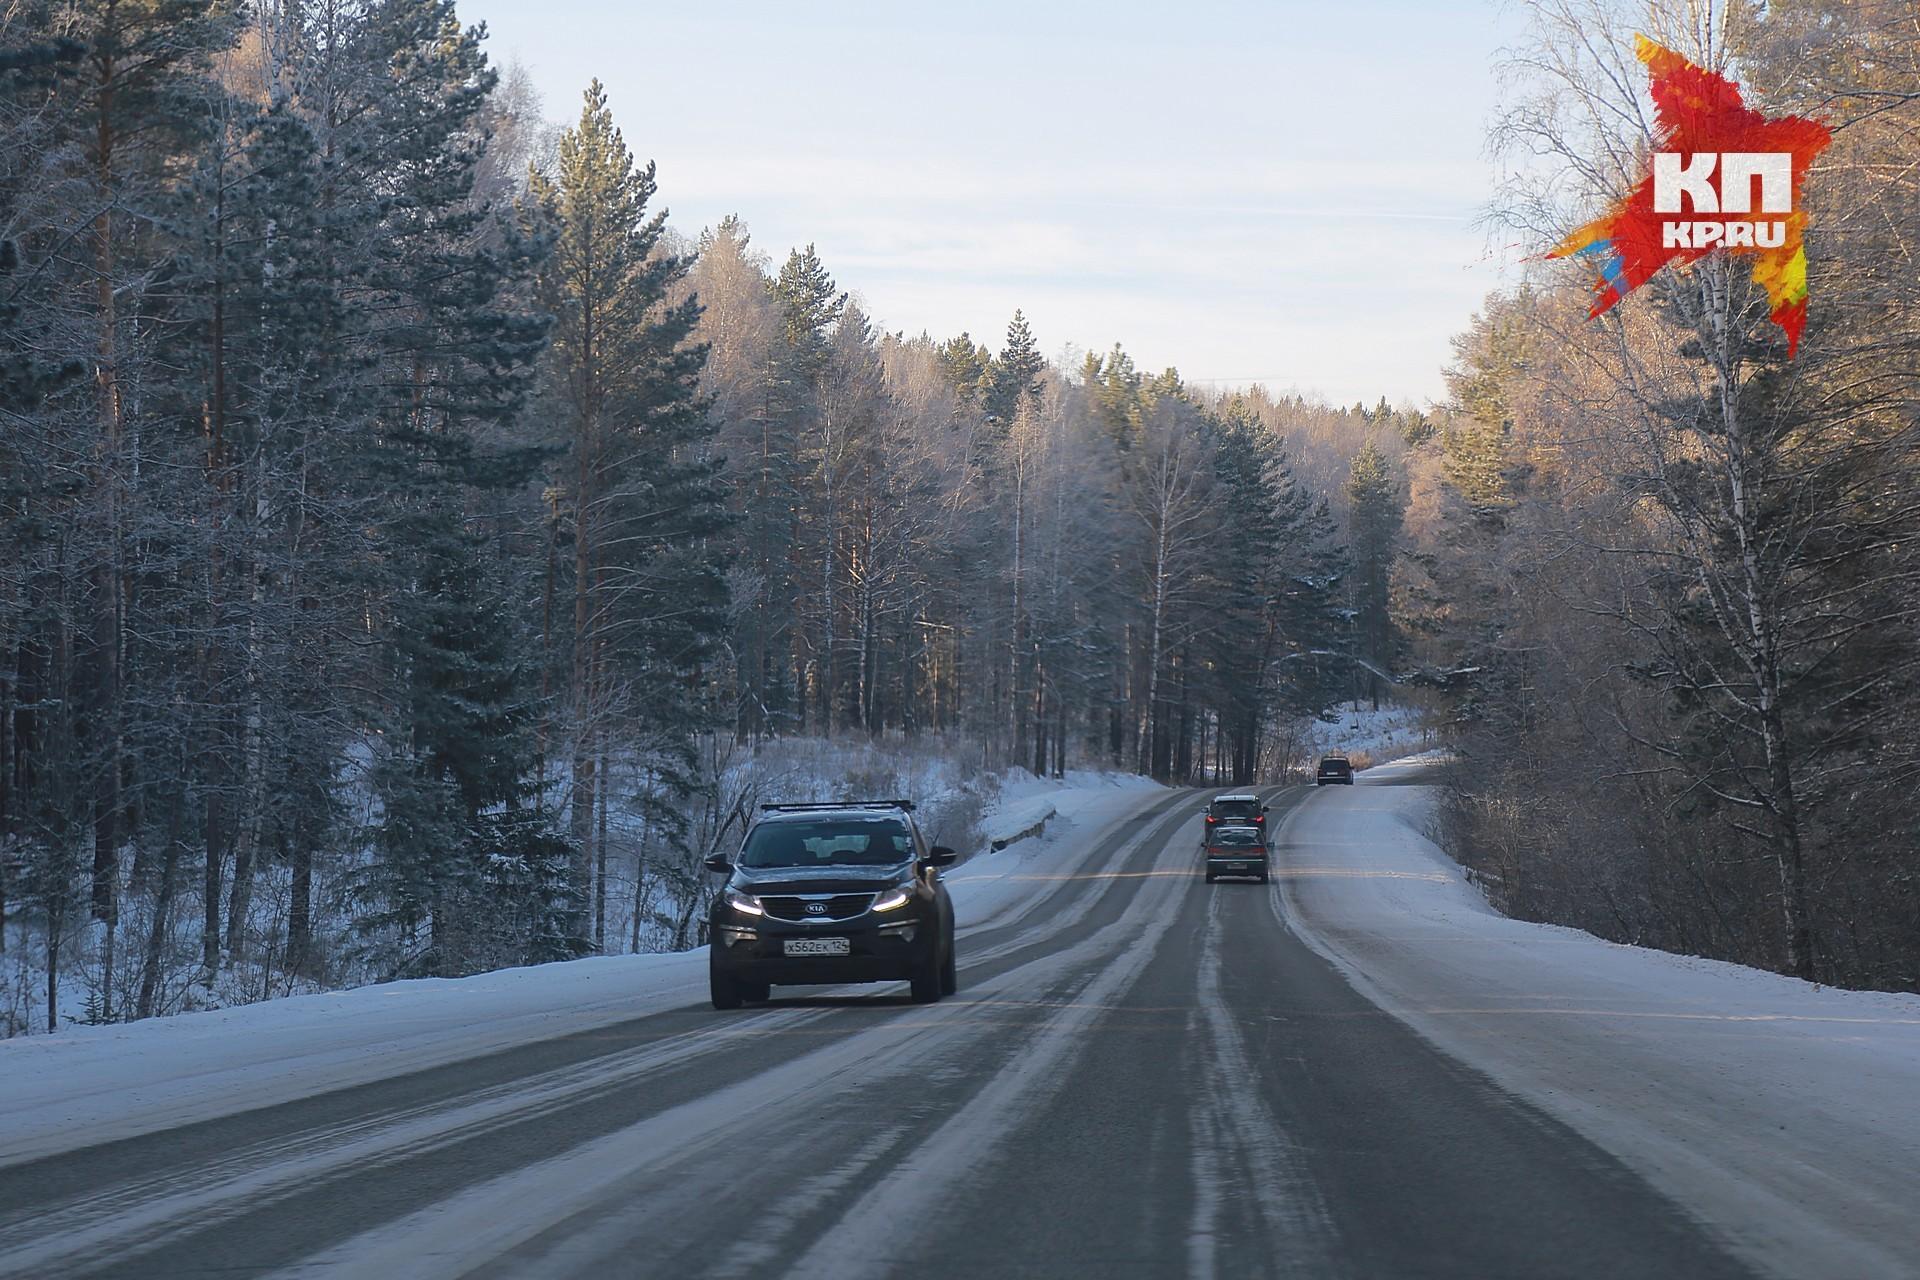 Любителей автомобилей предупредили о вероятных затруднениях движения натрассе Красноярск-Железногорск